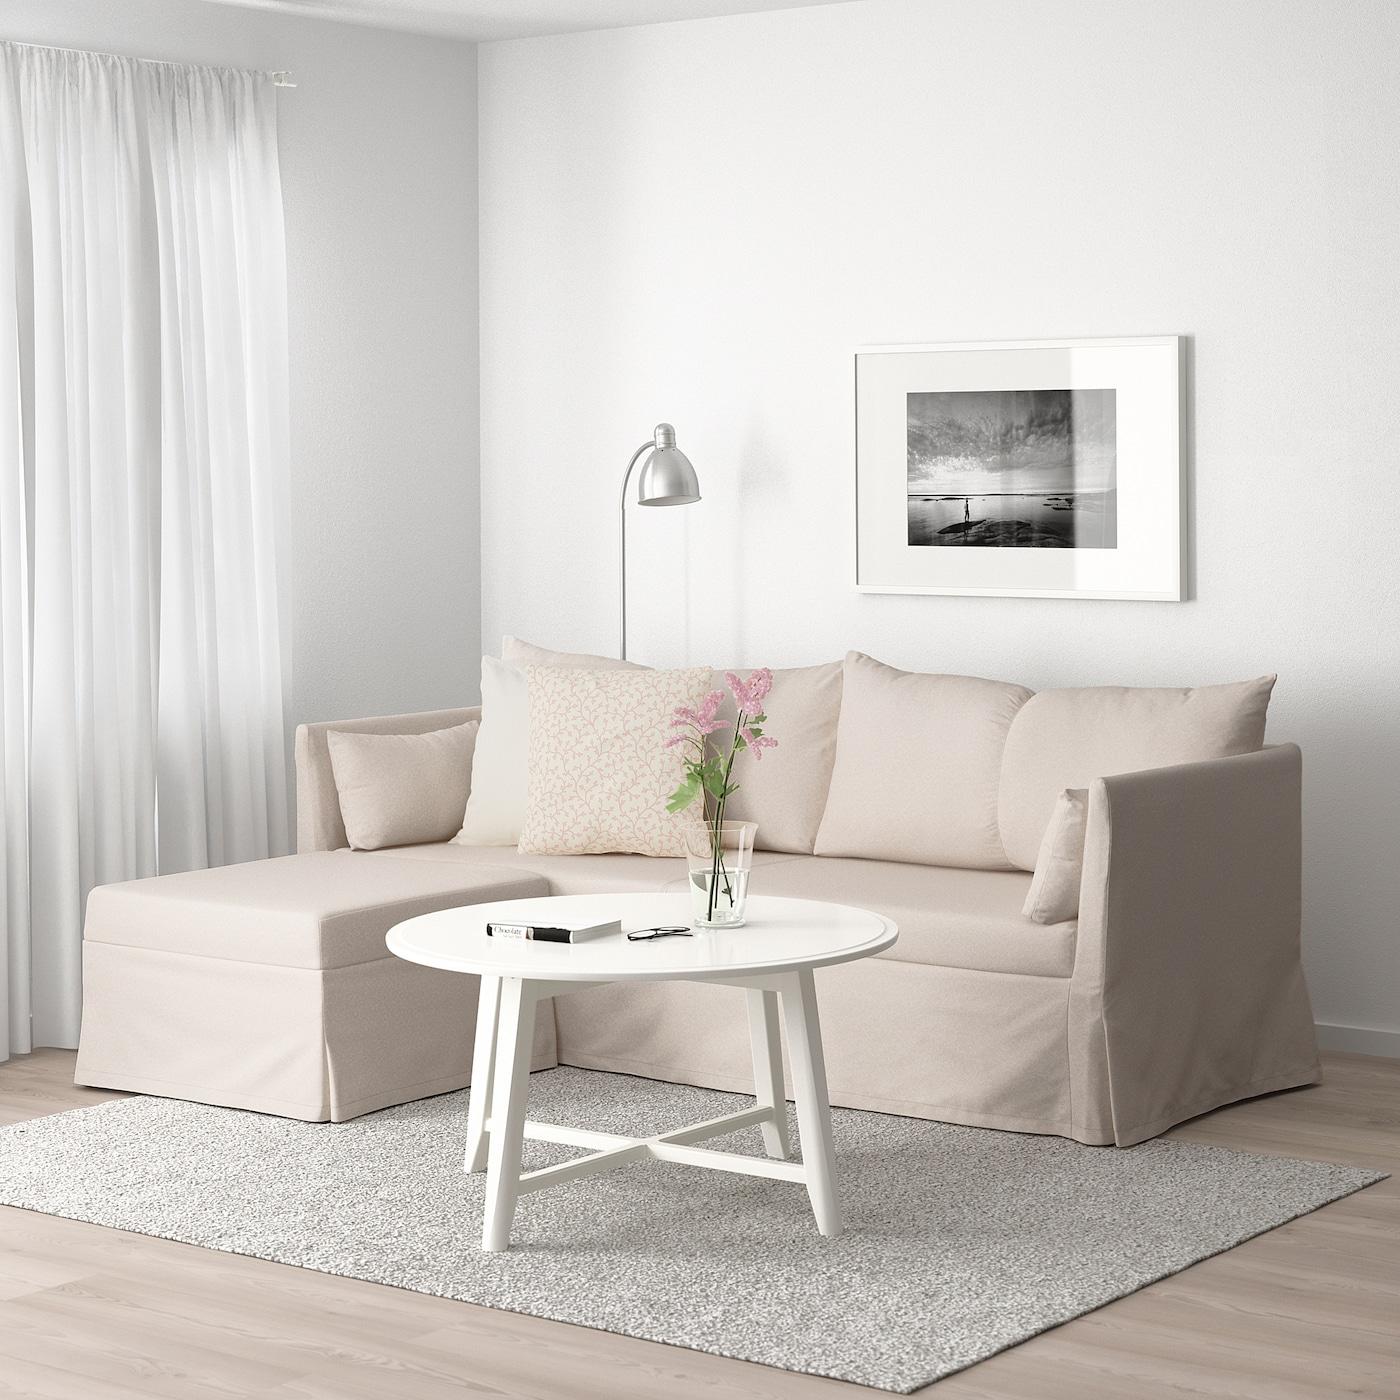 ikea sofa cama en esquina sandbacken españa